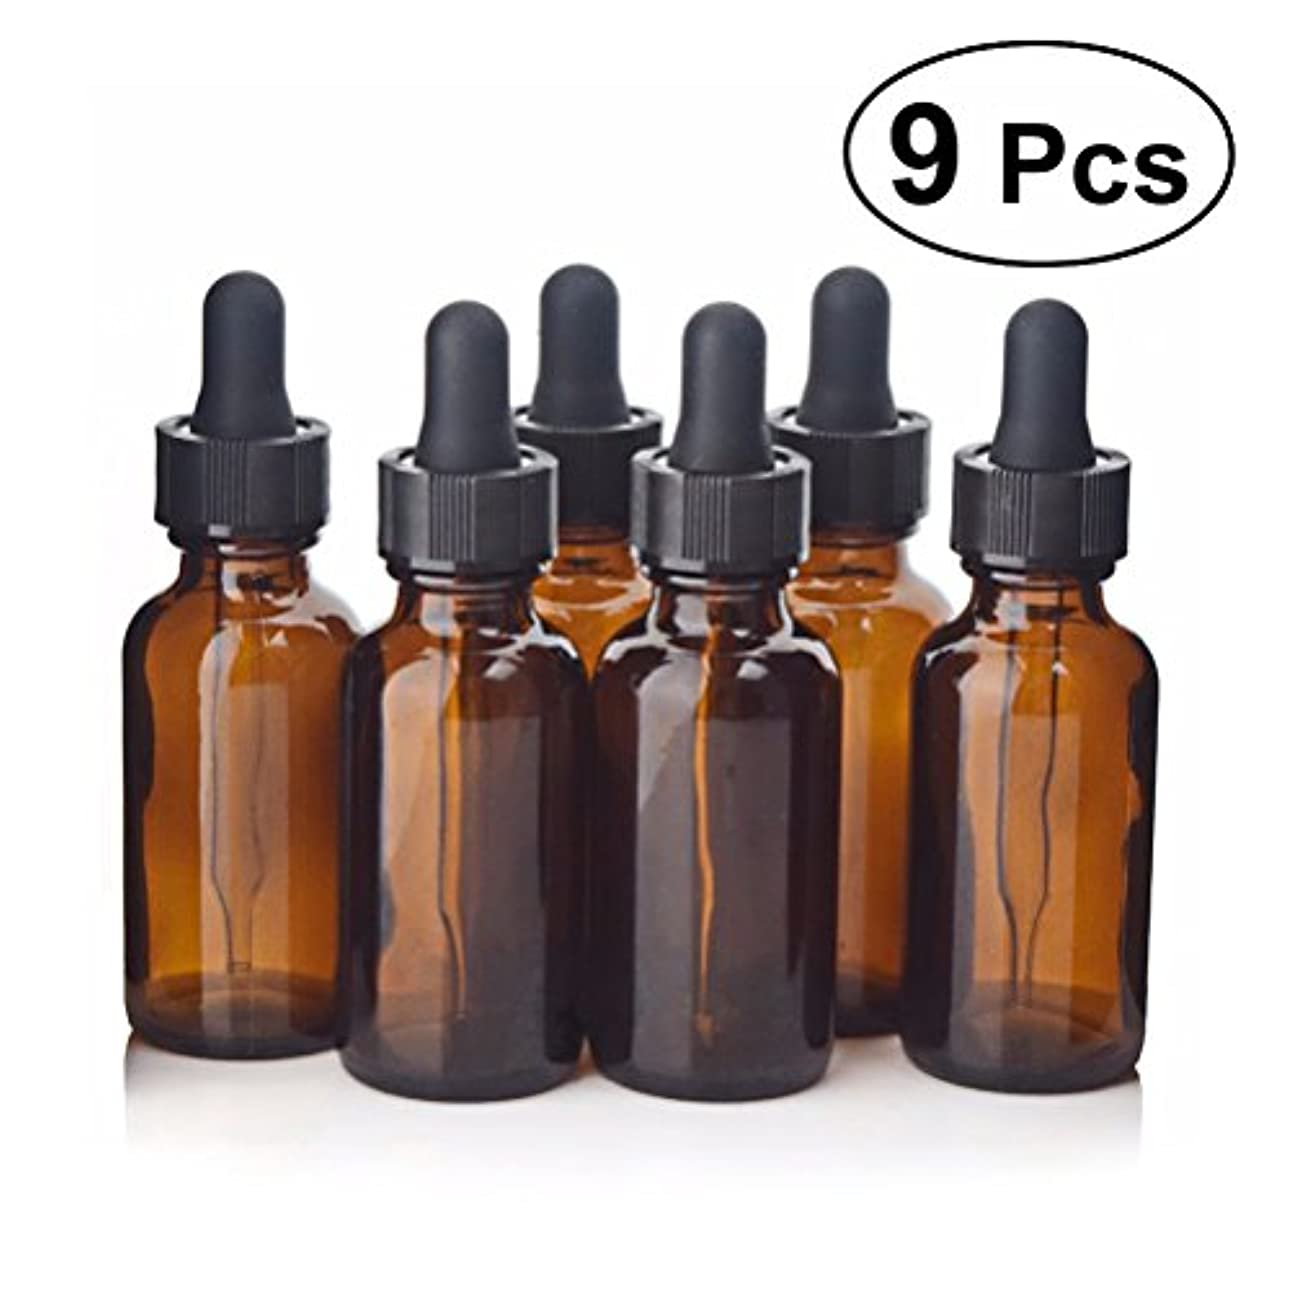 登録する重々しい化学薬品Frcolor スポイト遮光瓶 エッセンシャルオイル 香水 保存用 9個入り  30 ml